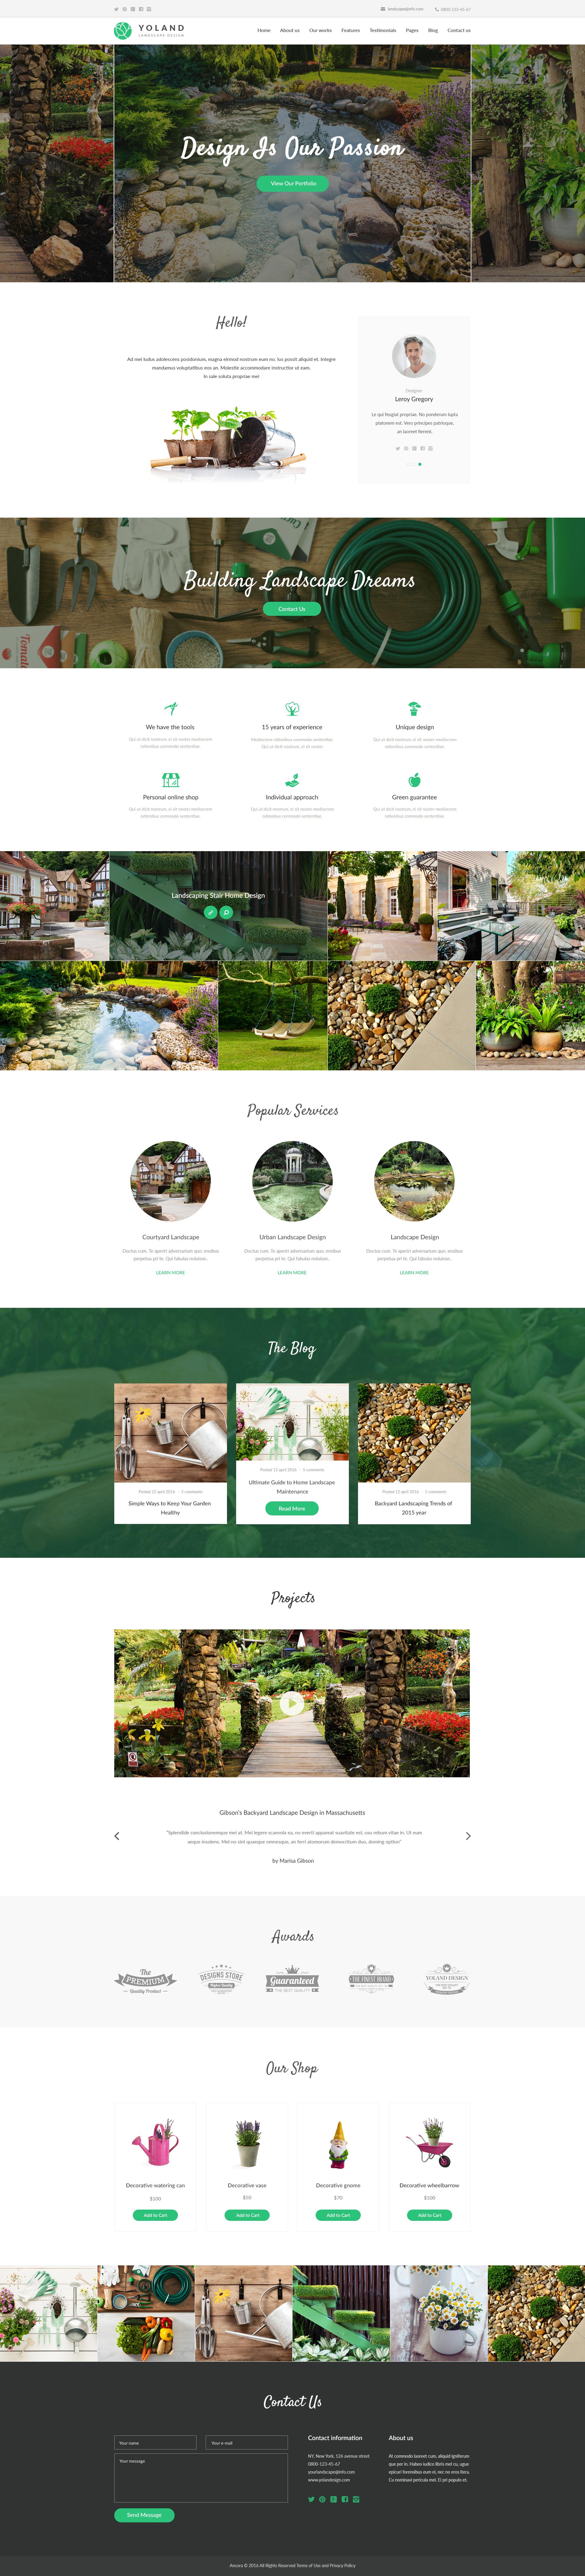 Yoland Landscape Design Garden Accesories Store Wordpress